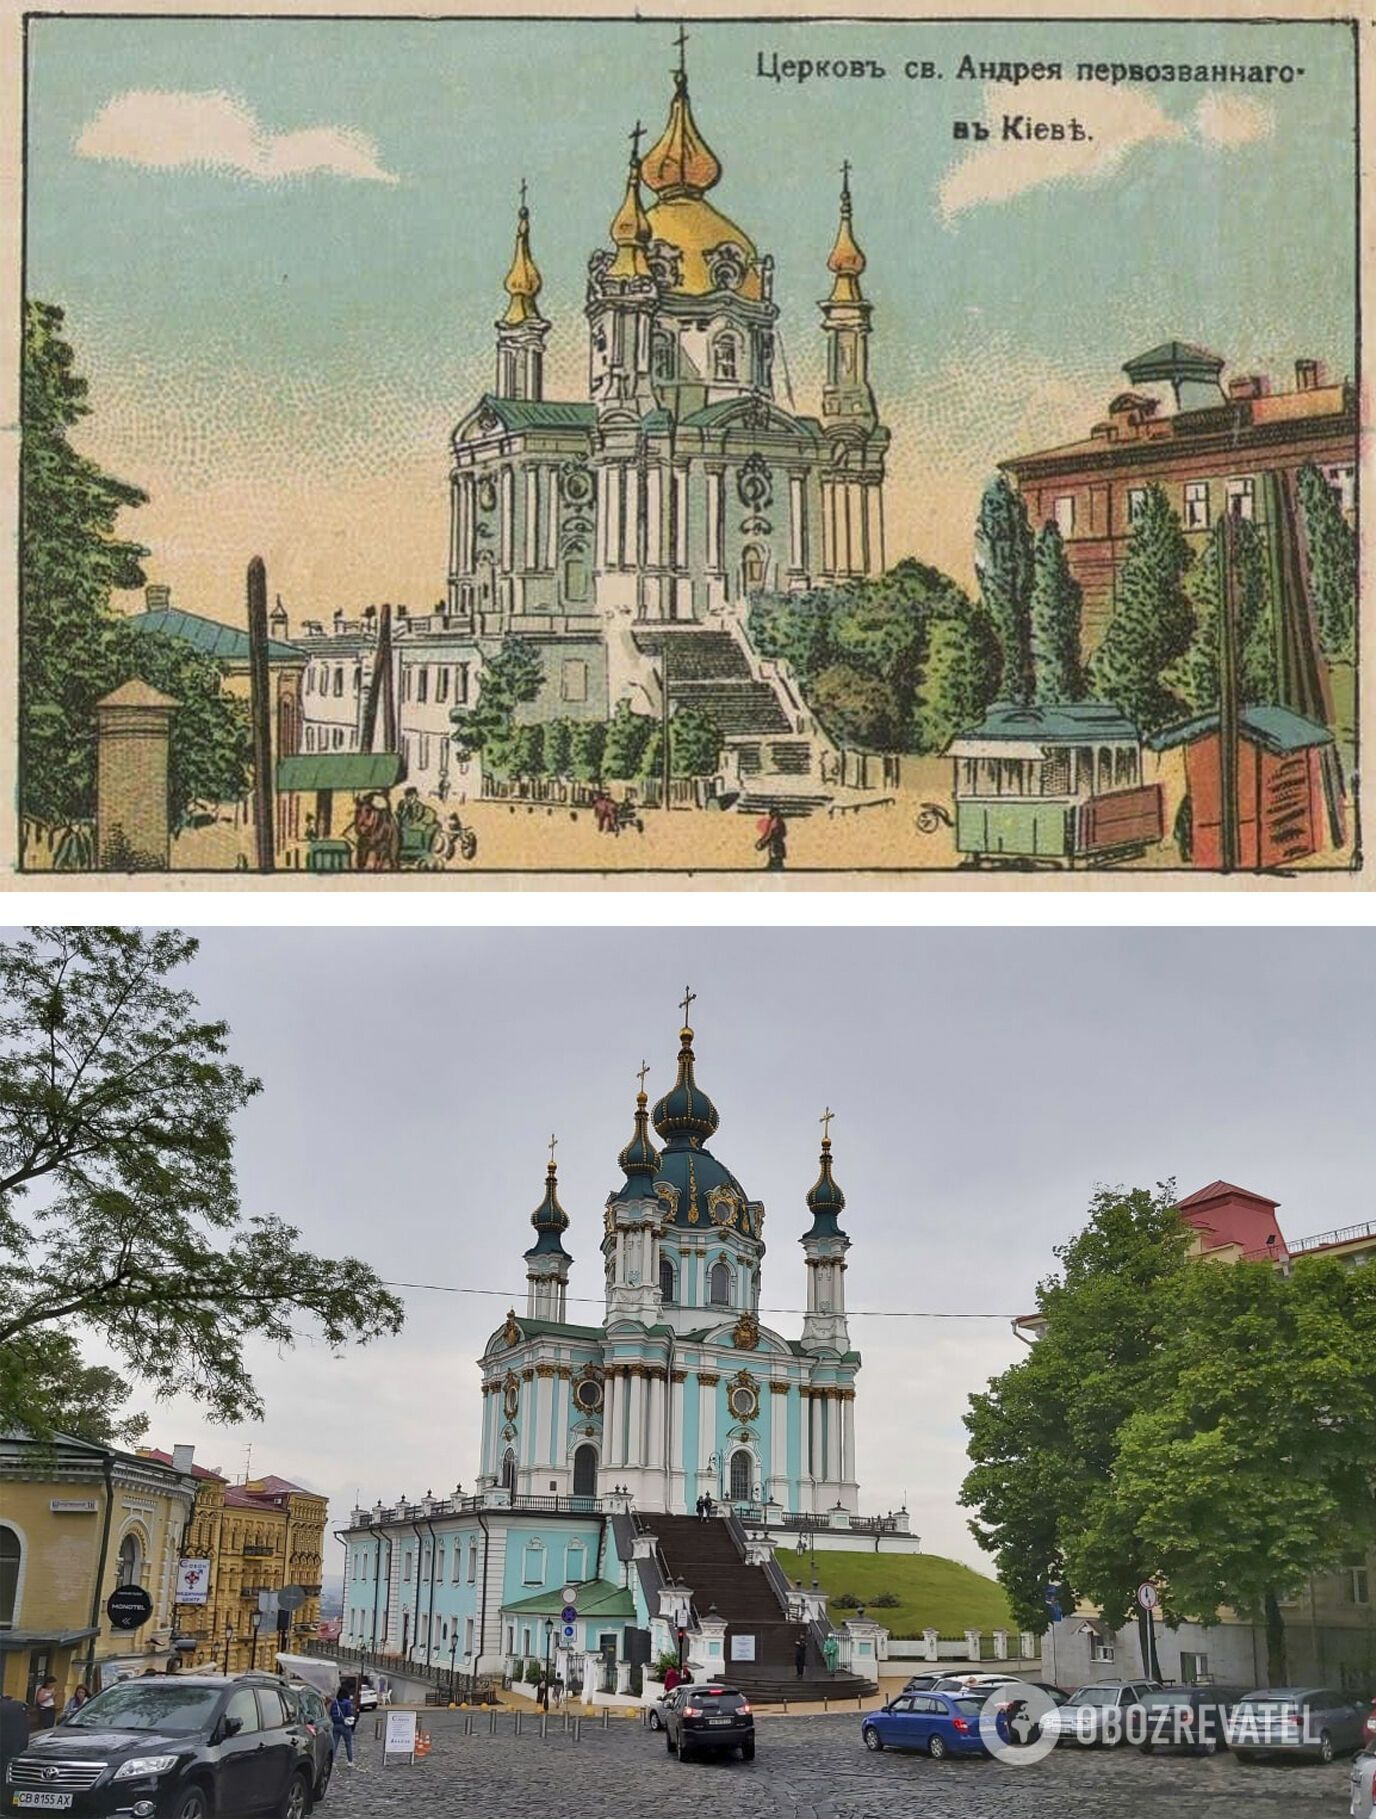 Андреевскую церковь сохранили, а спуск реконструировали.